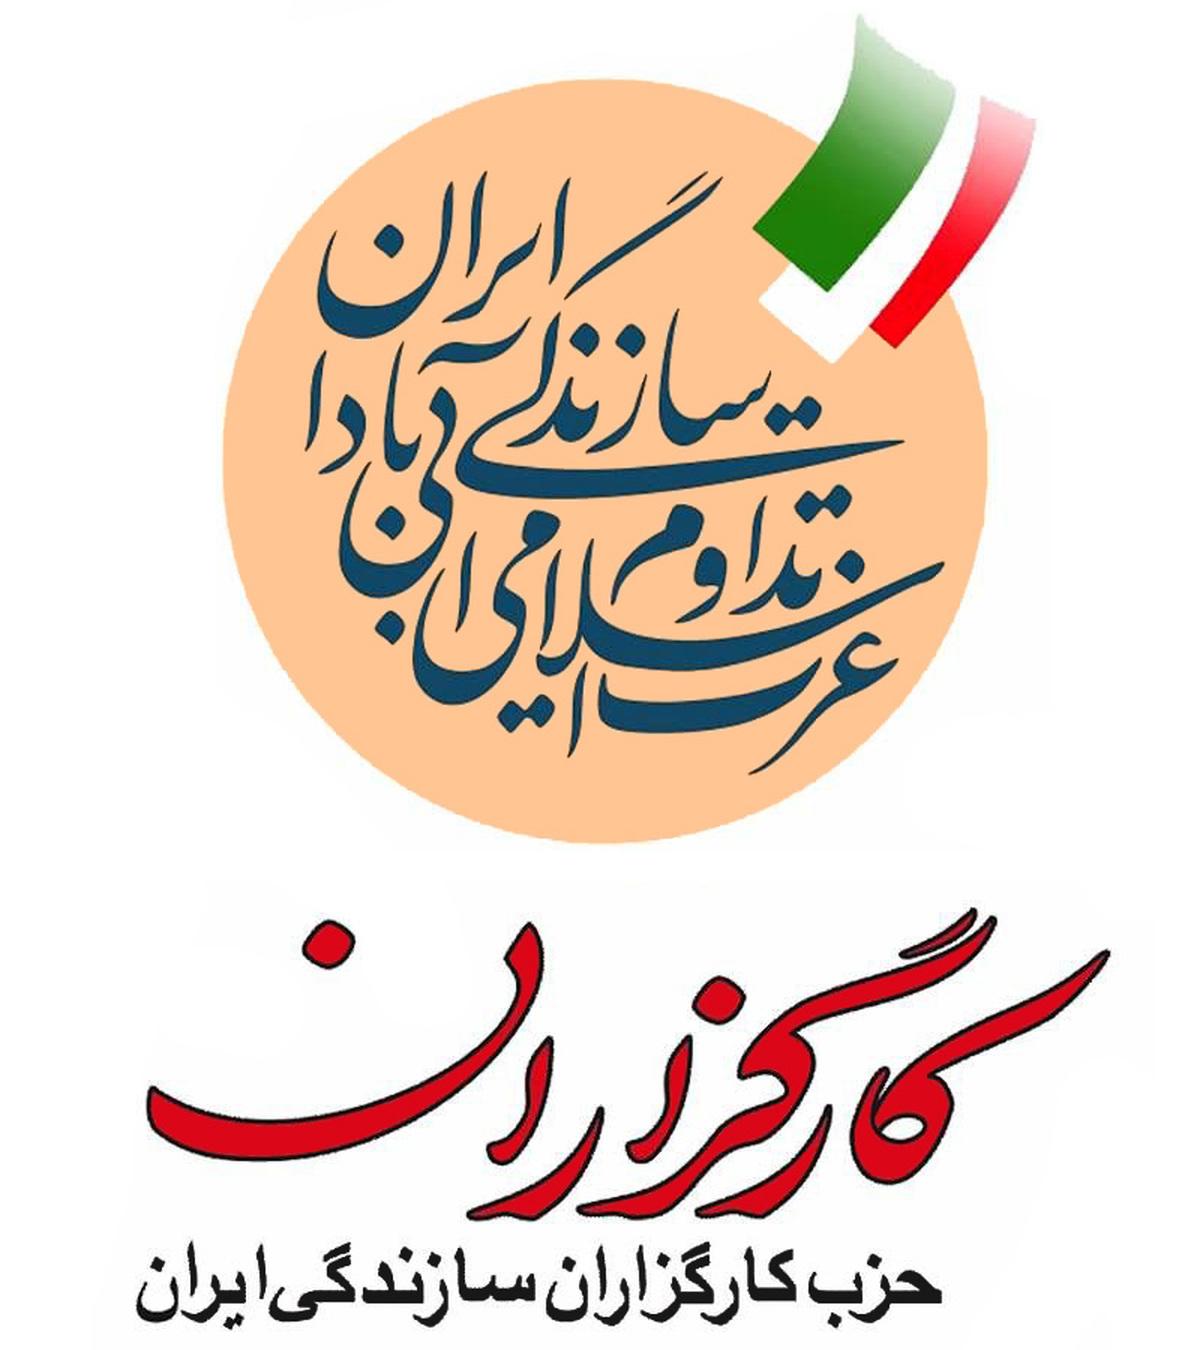 چرا کارگزاران سازندگی،جدی ترین مخالفان دولت روحانی اند؟